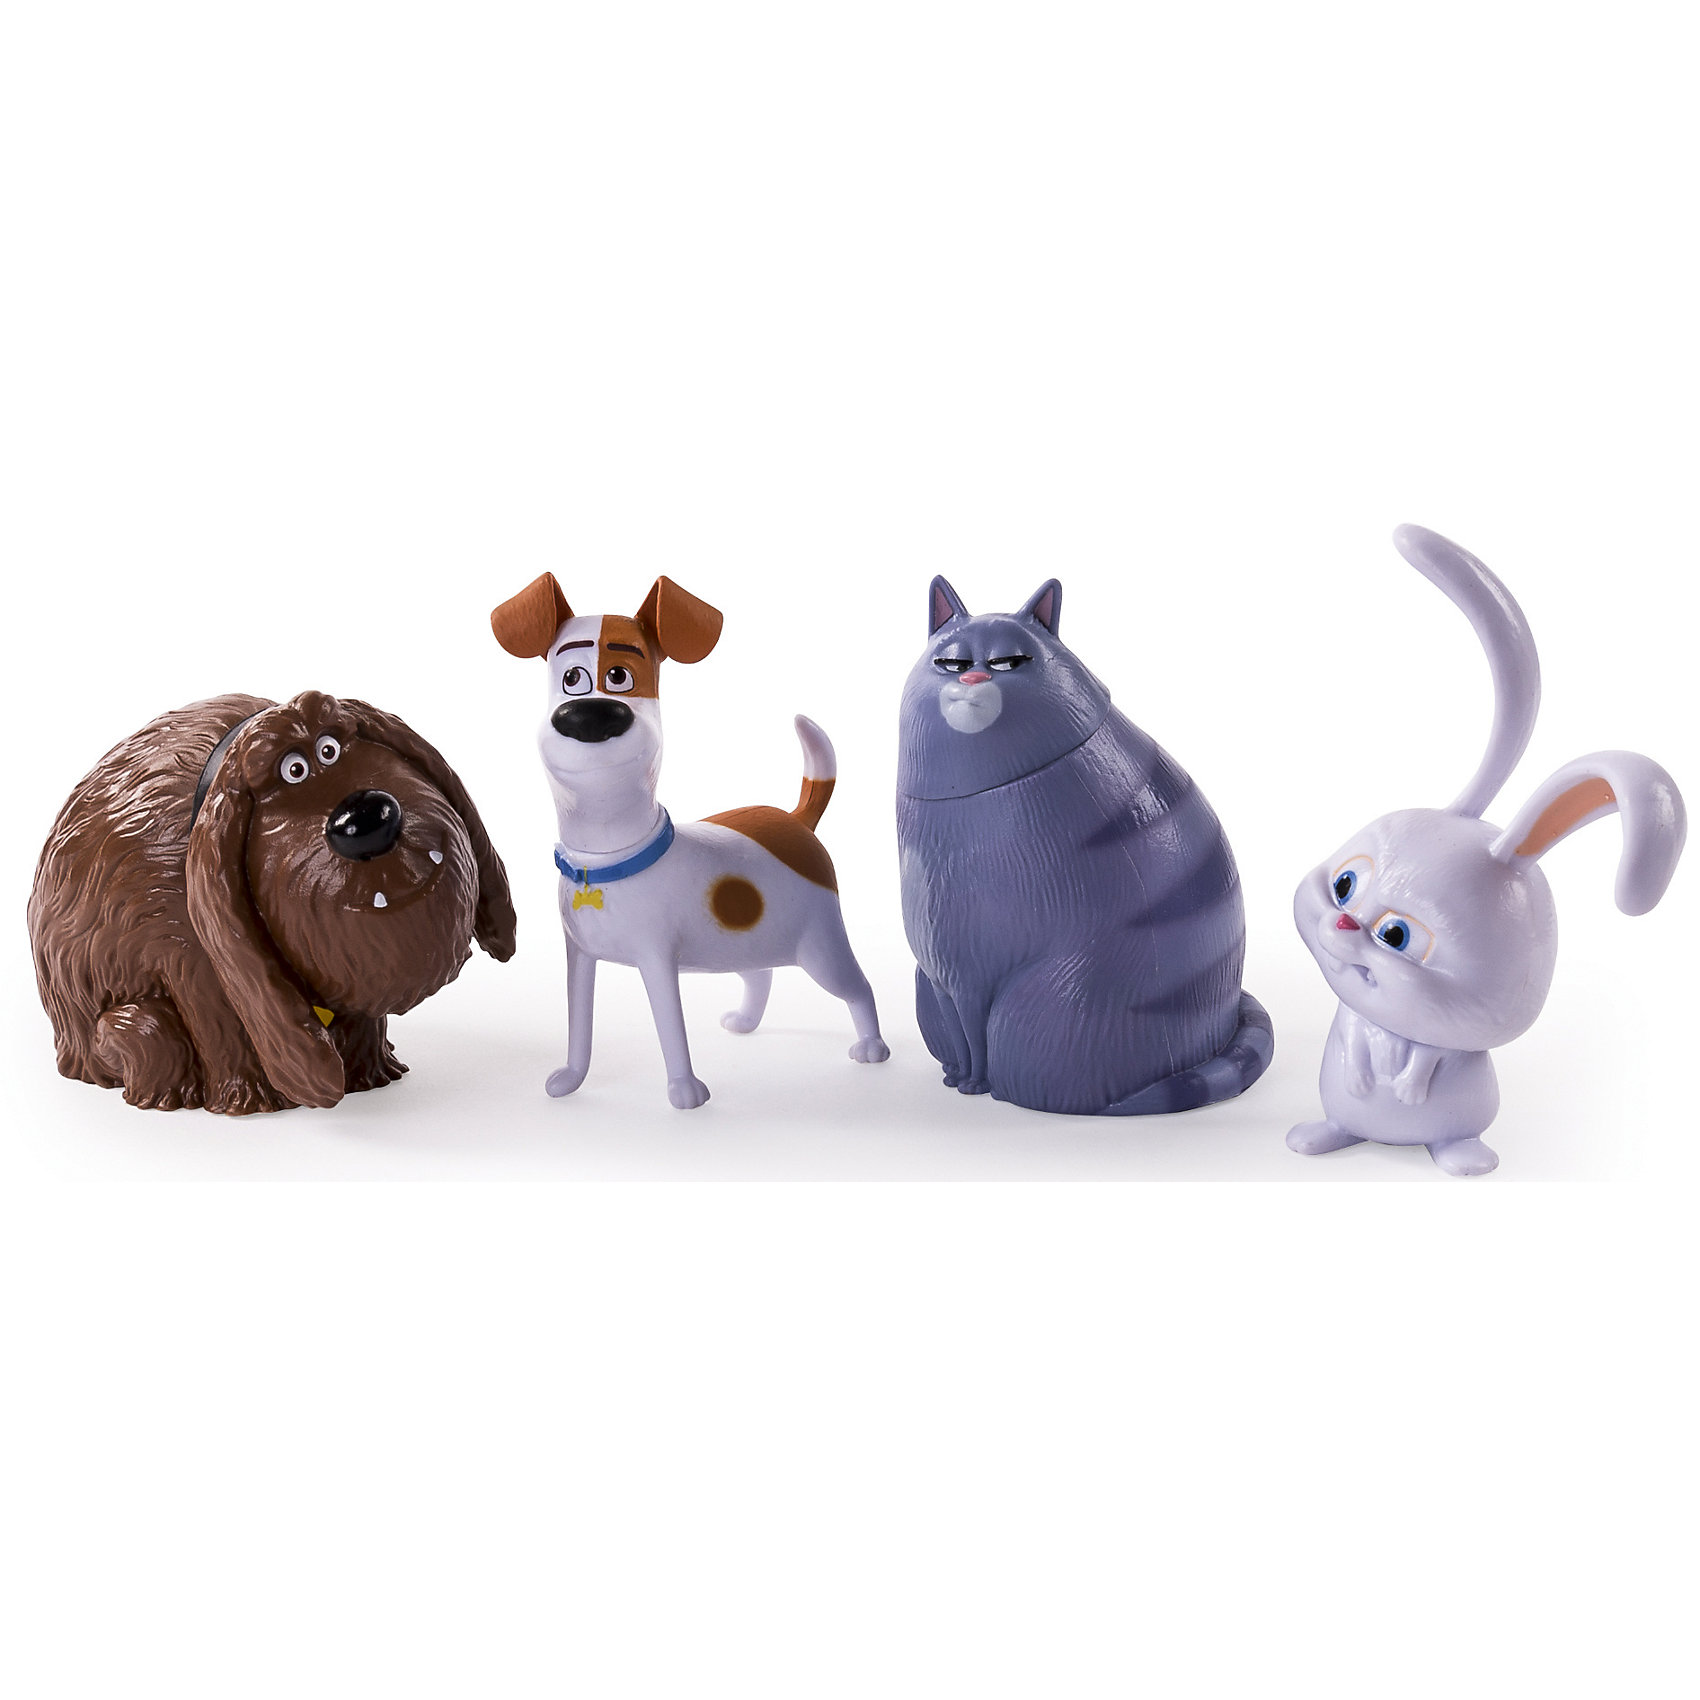 Набор из 4 фигурок героев, Тайная жизнь домашних животныхМир животных<br>Набор из 4 фигурок героев, Тайная жизнь домашних животных<br><br>Характеристики:<br><br>• игрушки имеют подвижные части<br>• в комплекте: 4 фигурки<br>• материал: пластик<br>• размер упаковки: 29х14х15,2 см<br>• вес: 200 грамм<br><br>Любители мультфильма Тайная жизнь домашних животных по достоинству оценят этот набор игрушек. В комплект входят 4 фигурки, являющиеся копиями главных героев мультипликационного фильма. Фигурки имеют подвижные части и способны принимать нужные позы в процессе игры. Кролик Снежок, Дворняжка Дюк, Кошка Хлоя и терьер Макс поднимут настроение вашему ребенку!<br><br>Набор из 4 фигурок героев, Тайная жизнь домашних животных вы можете купить в нашем интернет-магазине.<br><br>Ширина мм: 260<br>Глубина мм: 125<br>Высота мм: 25<br>Вес г: 460<br>Возраст от месяцев: 36<br>Возраст до месяцев: 144<br>Пол: Унисекс<br>Возраст: Детский<br>SKU: 4875038